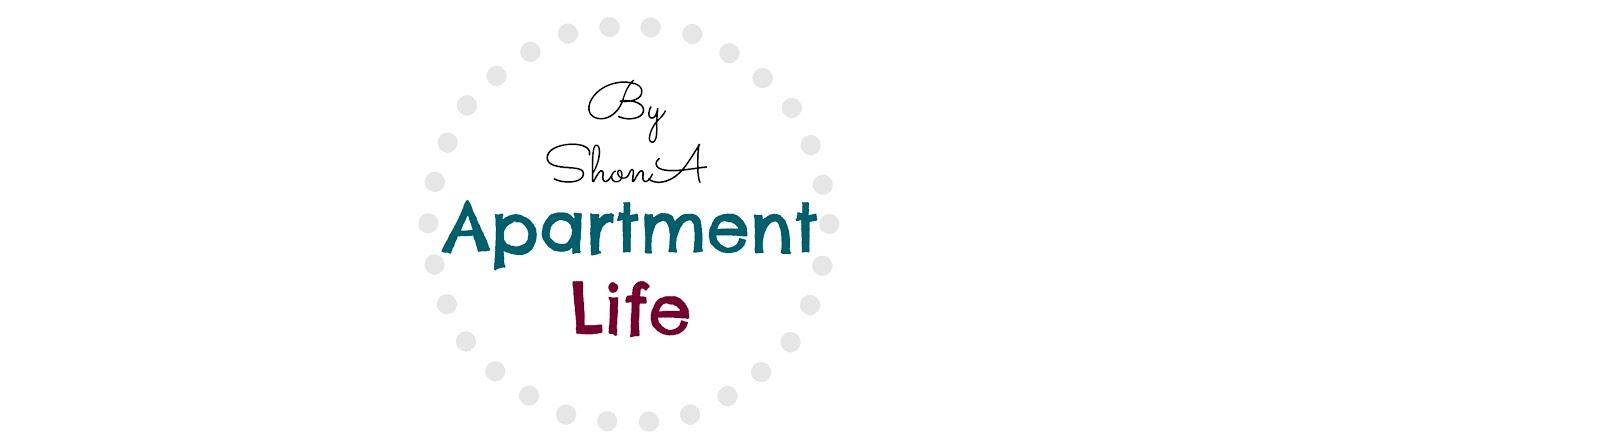 ApartmentLife_ByShonA